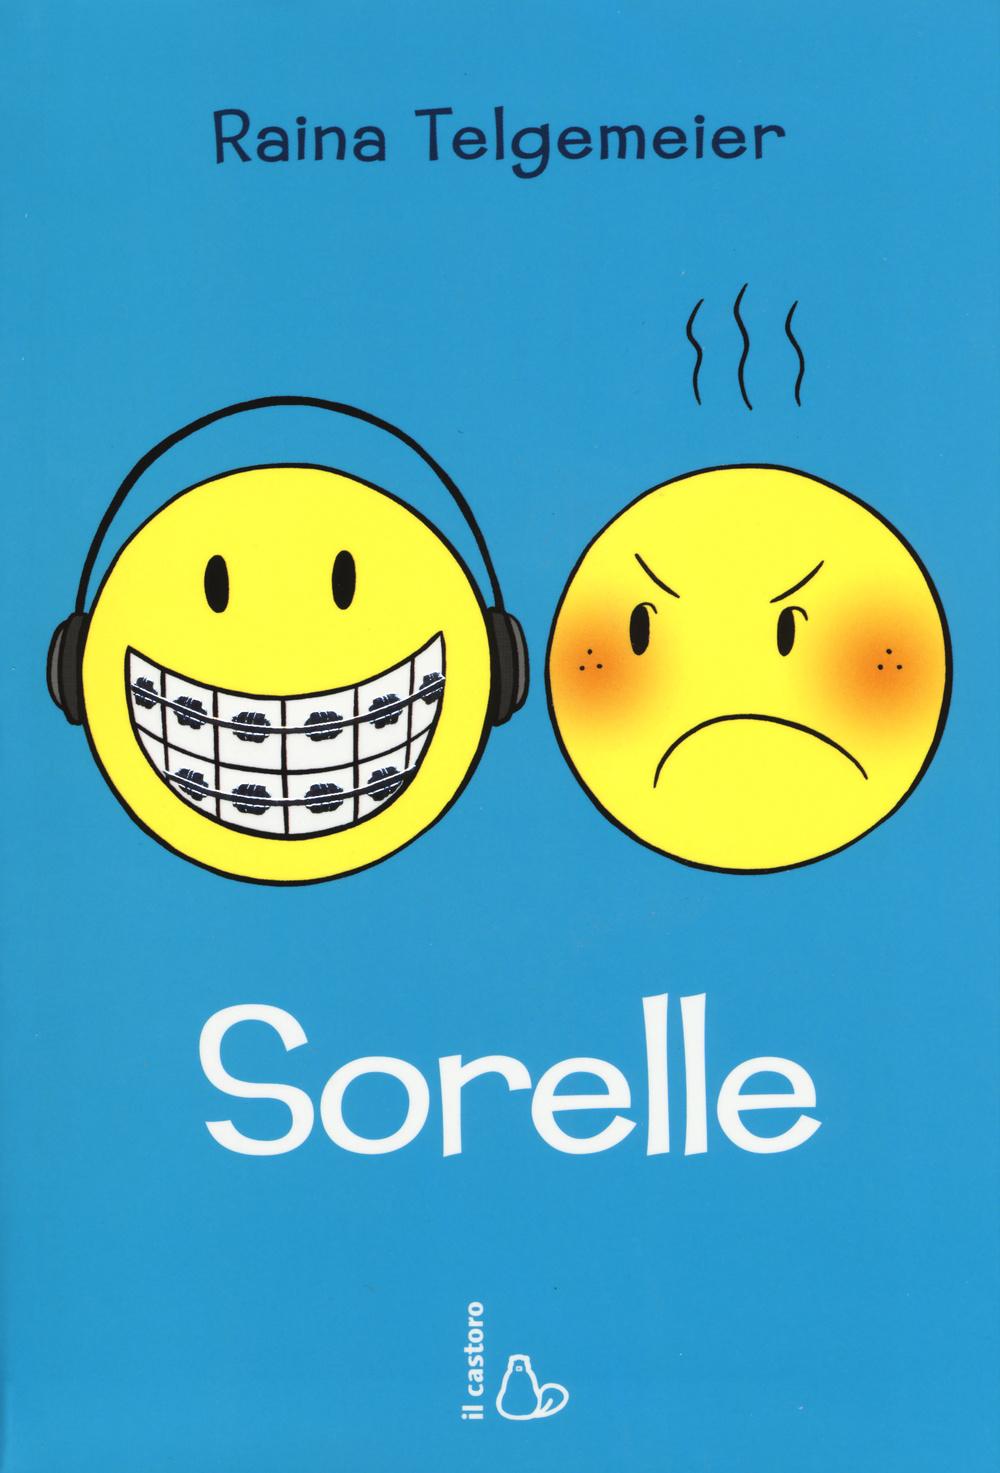 Sorelle